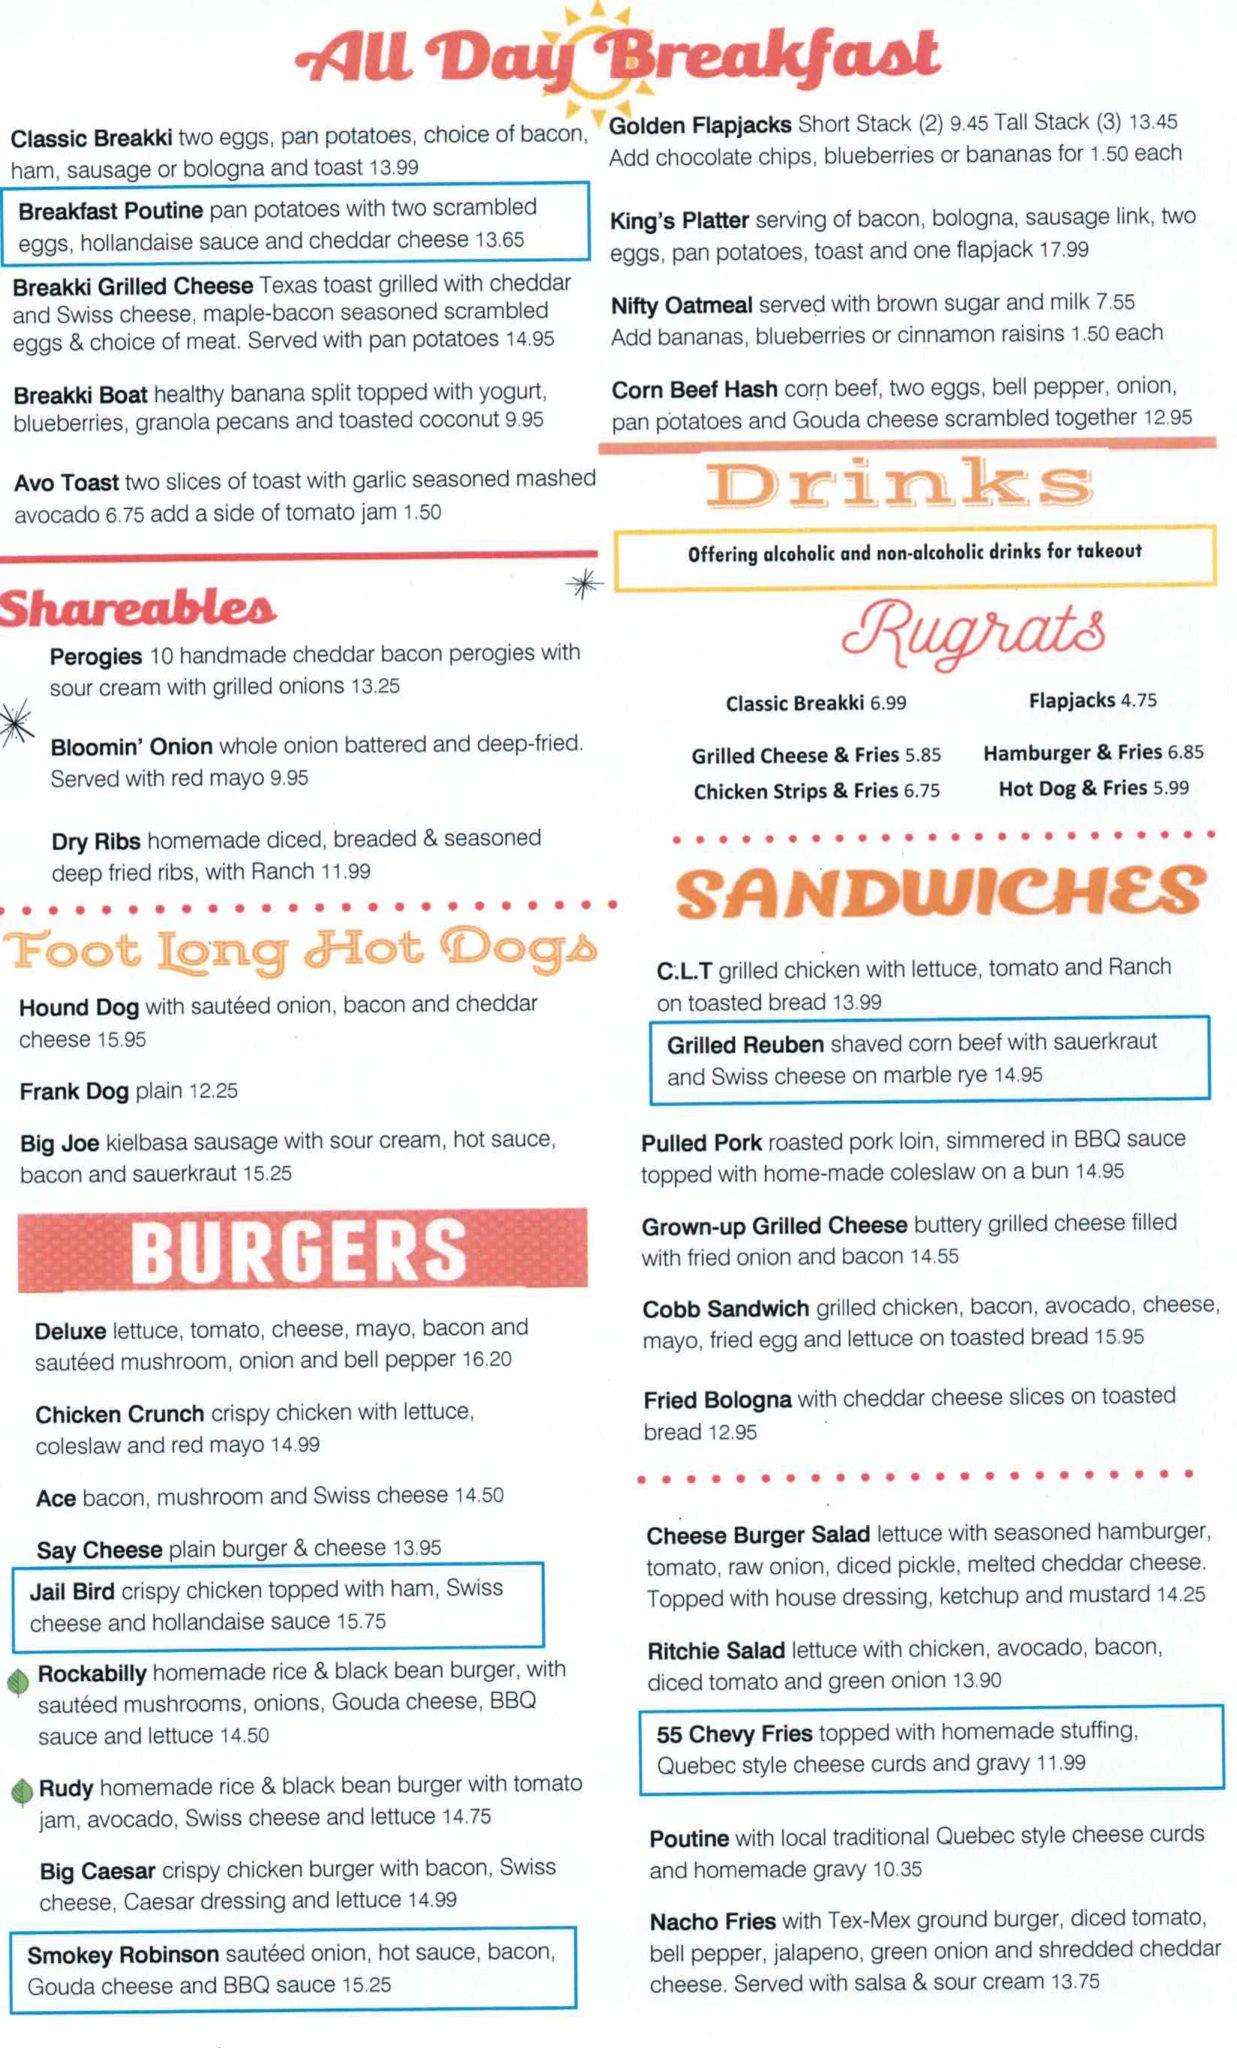 take-out-menu-APR2020